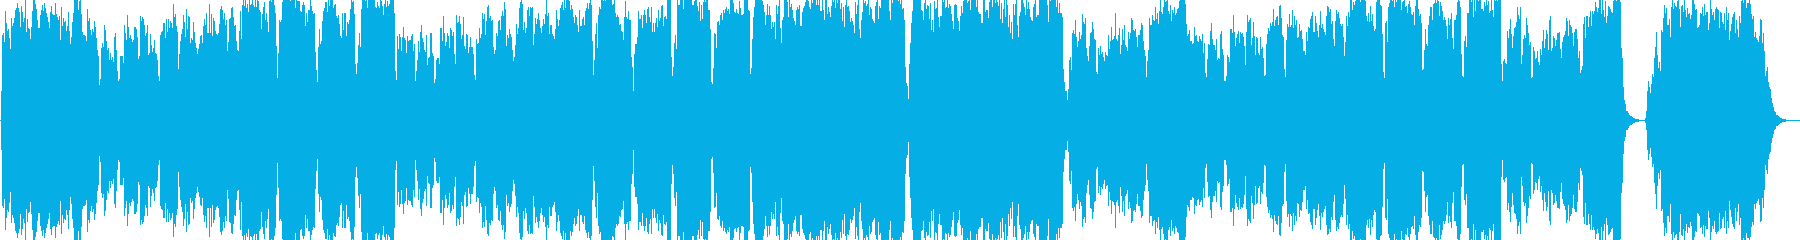 ほのぼのとした雰囲気の曲の再生済みの波形